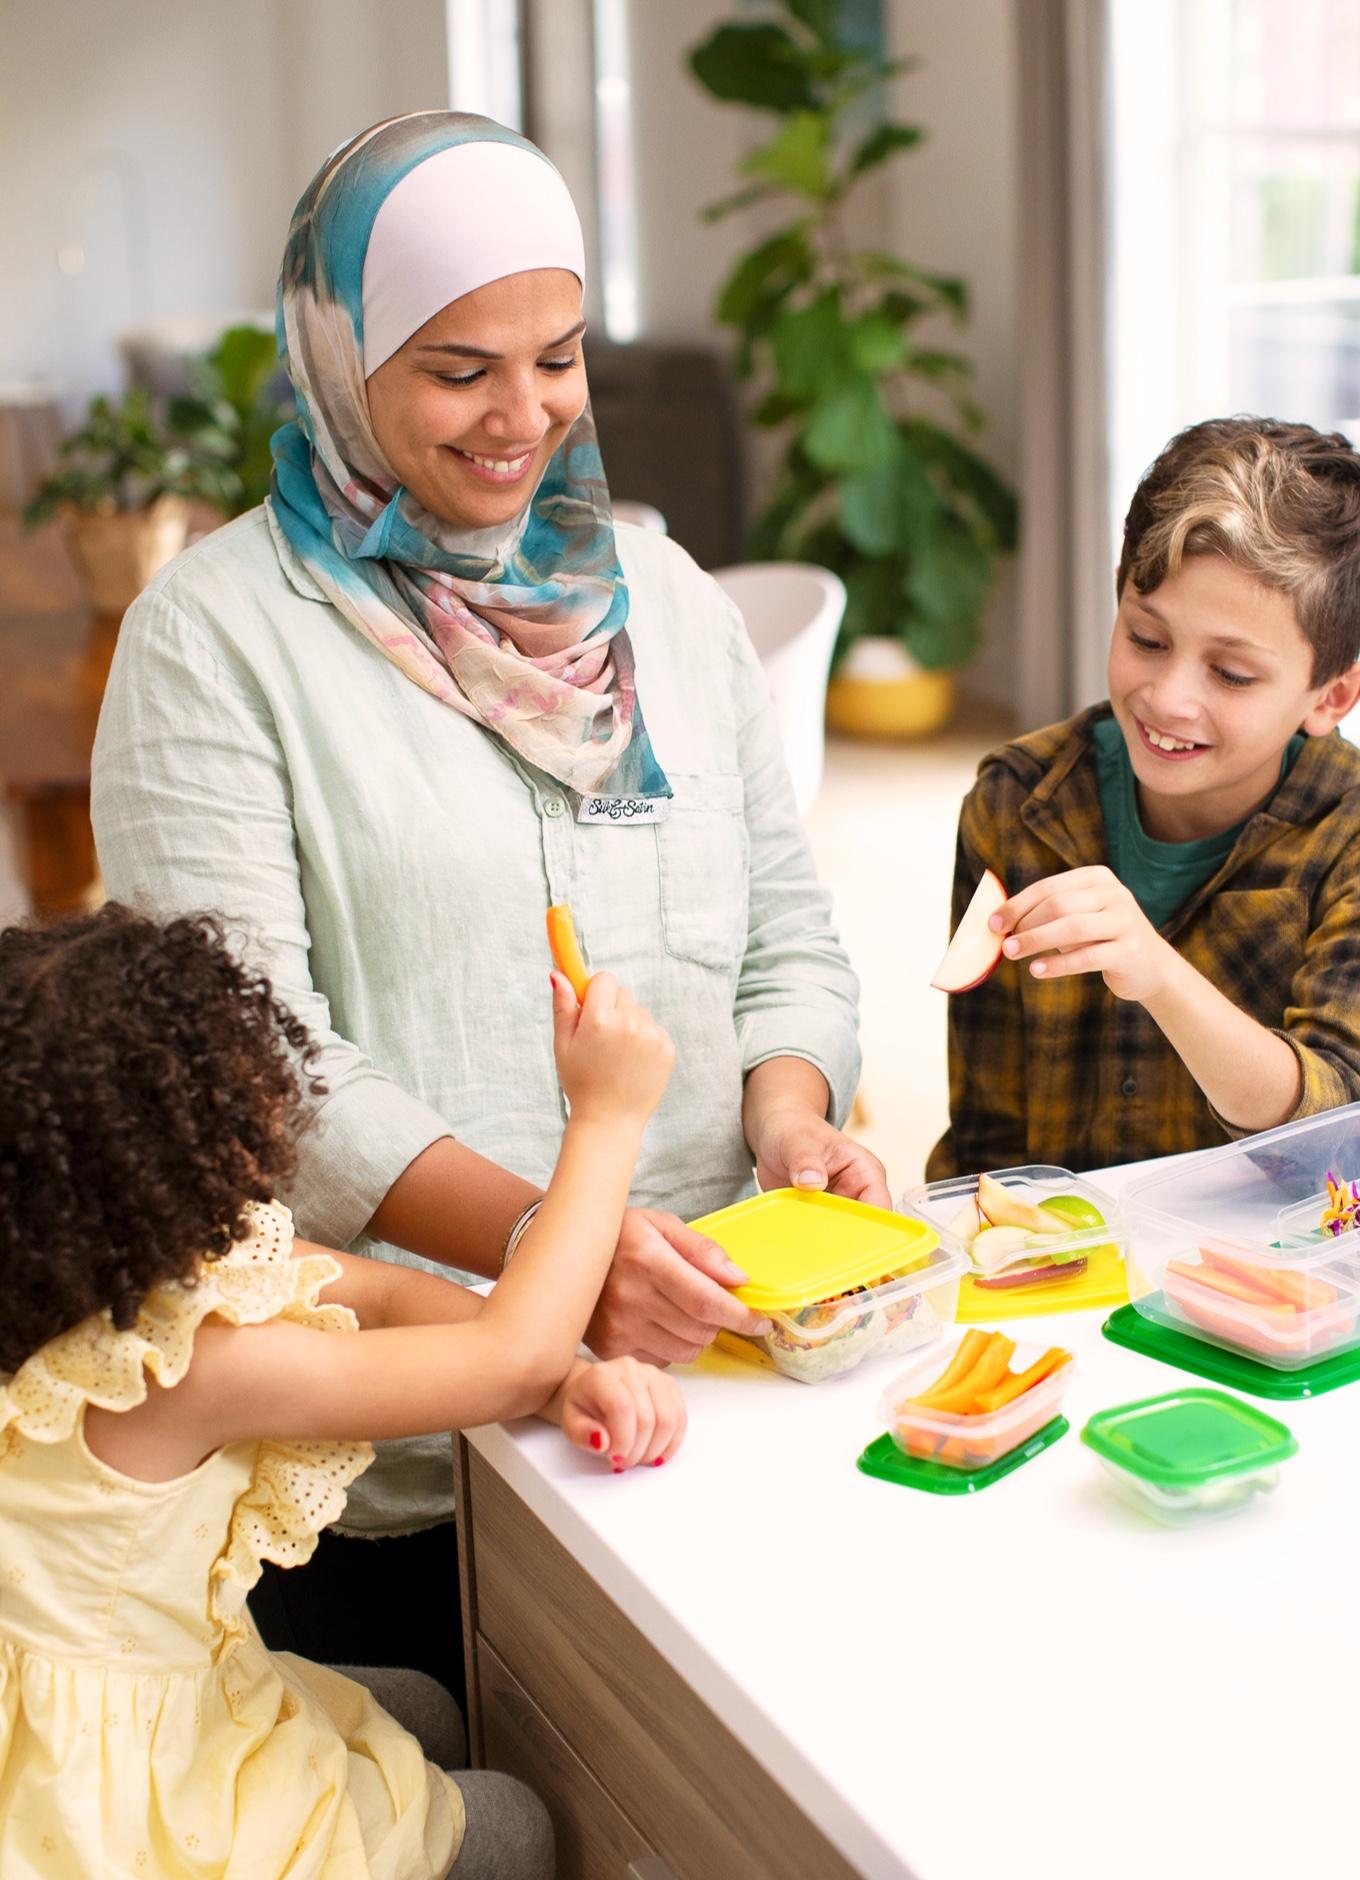 Deux enfants assis à la table d'une cuisine, qui savourent un dîner sain.